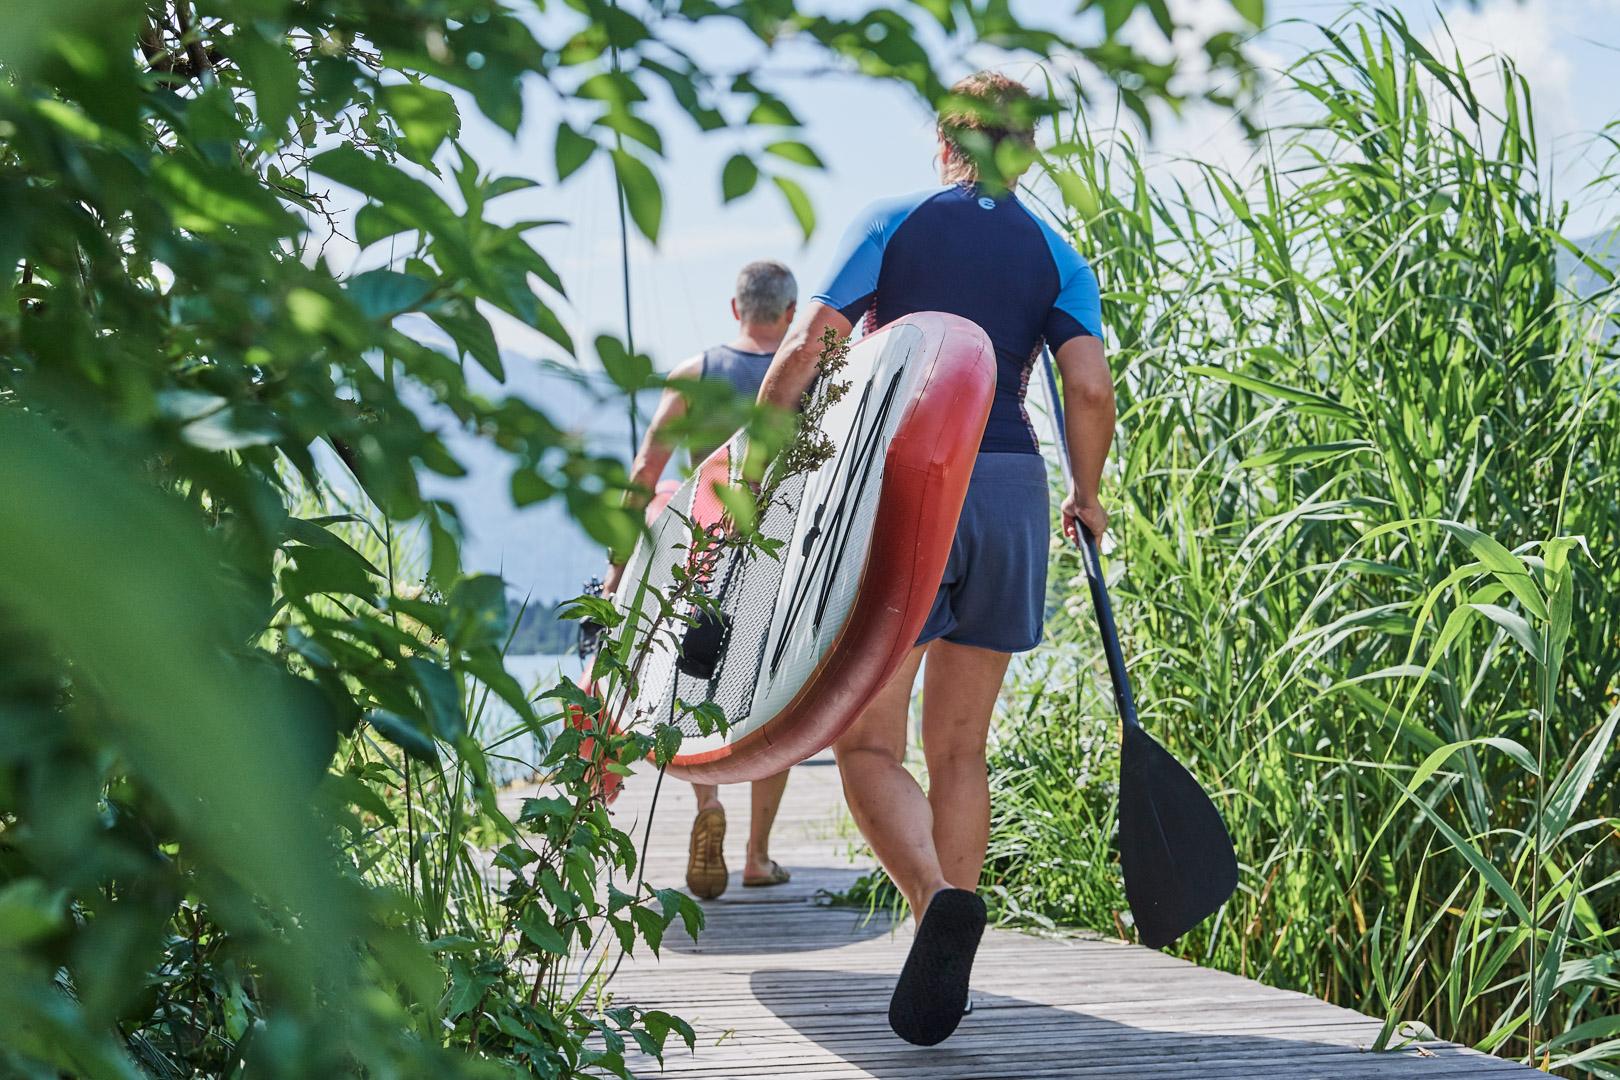 Männer tragen SUP auf einem Steg Richtung See